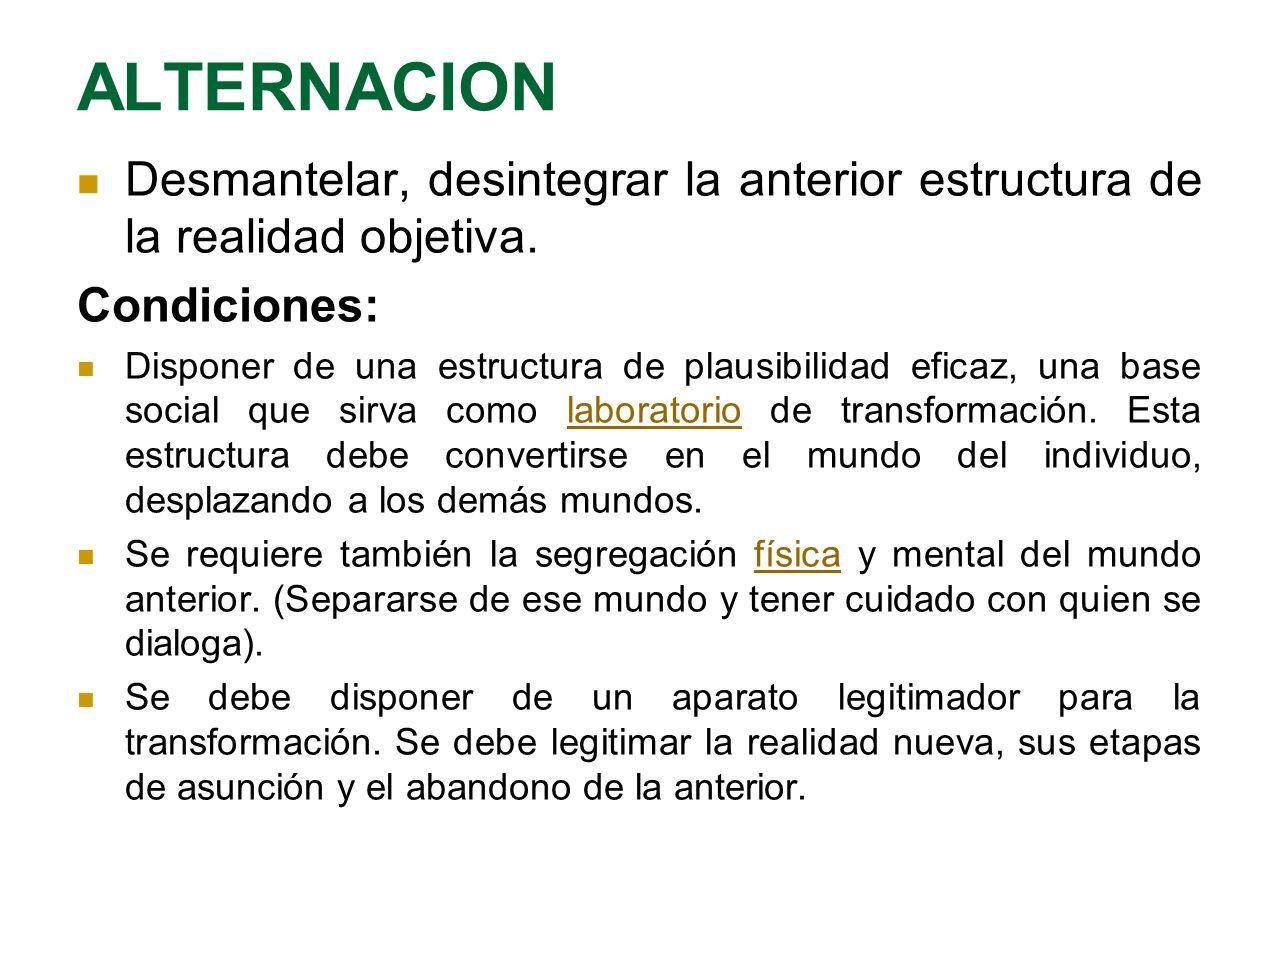 ALTERNACION Desmantelar, desintegrar la anterior estructura de la realidad objetiva. Condiciones: